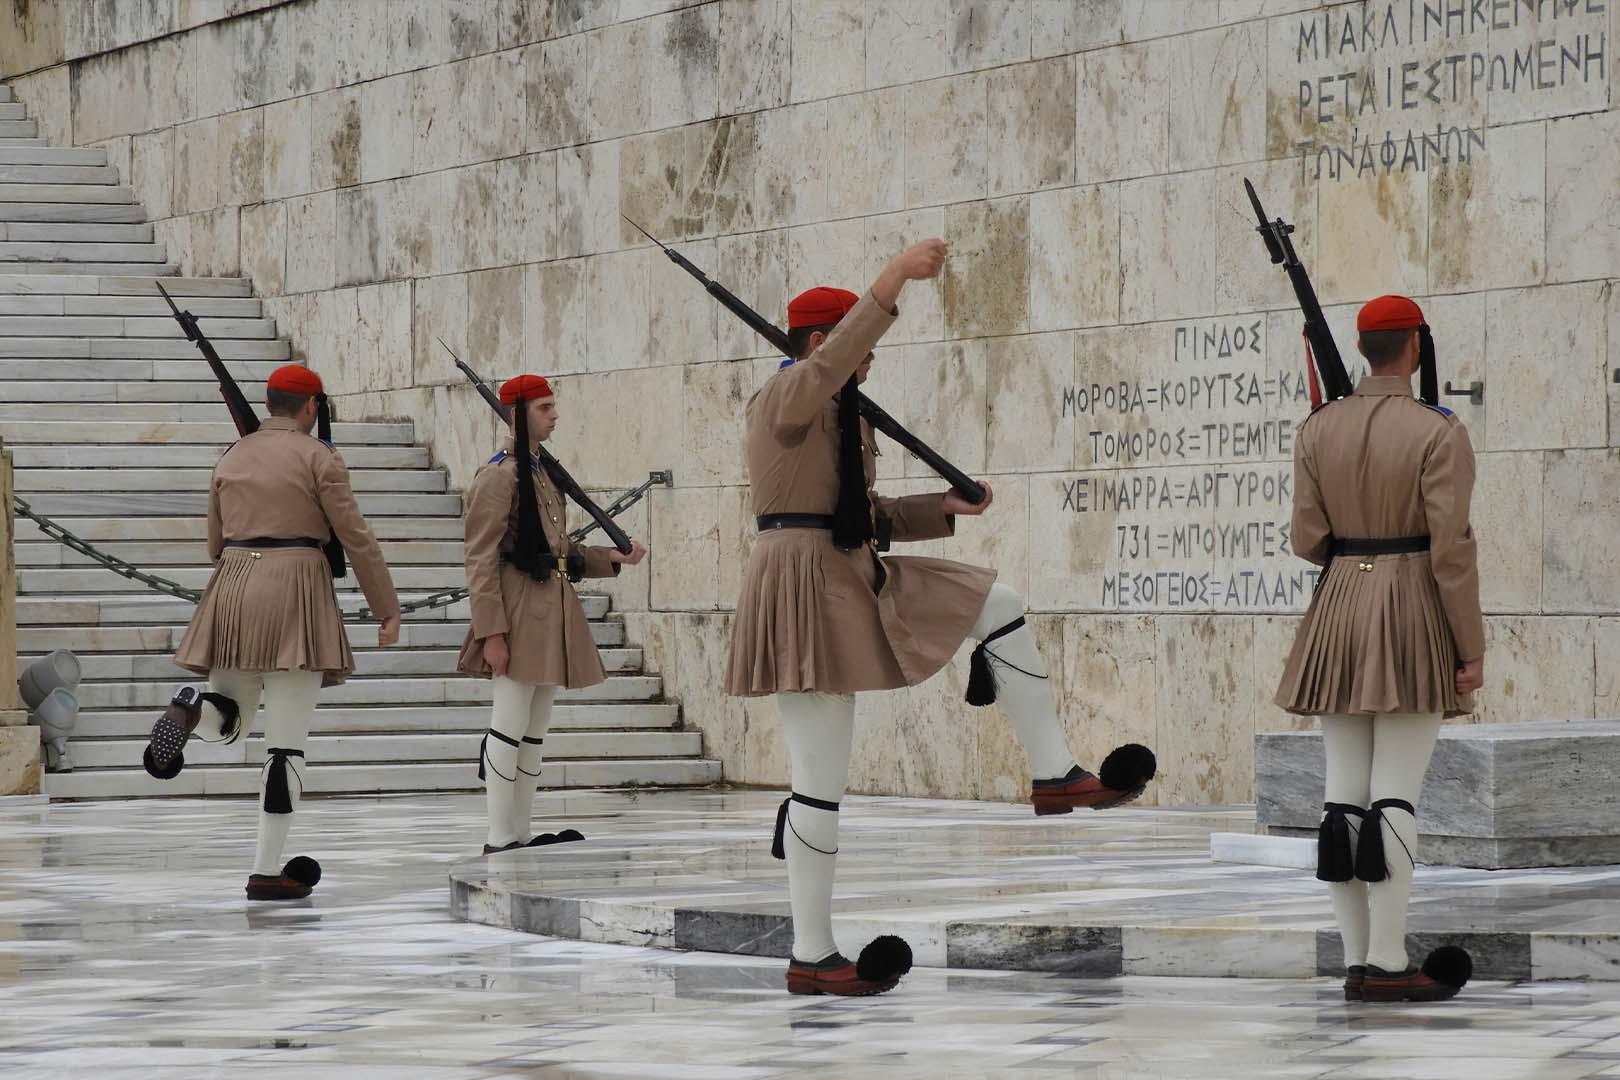 Recorrido a pie en Atenas, Athens walking tour